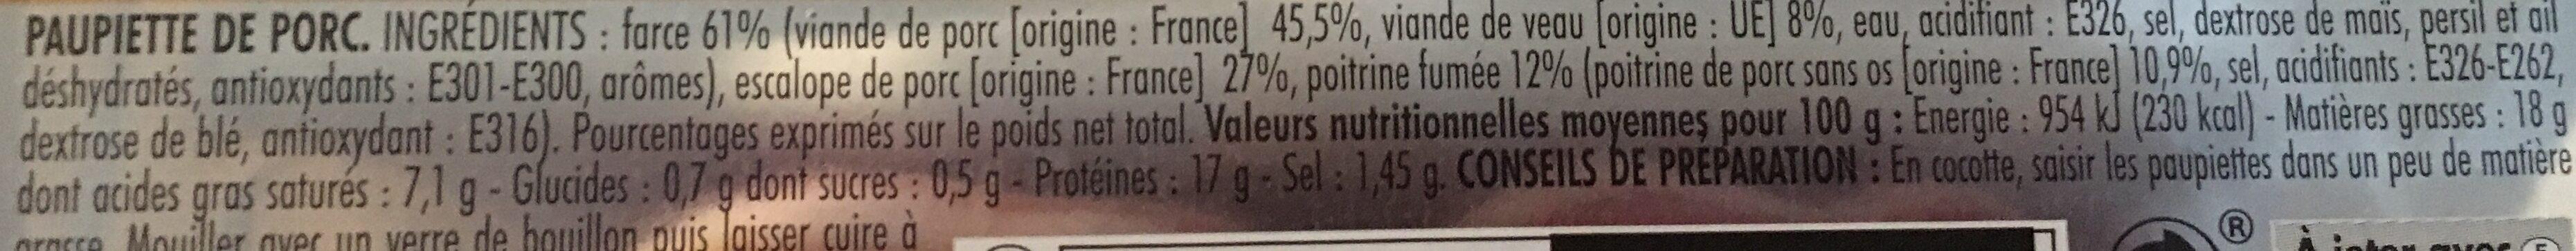 Paupiettes de porc - Ingrédients